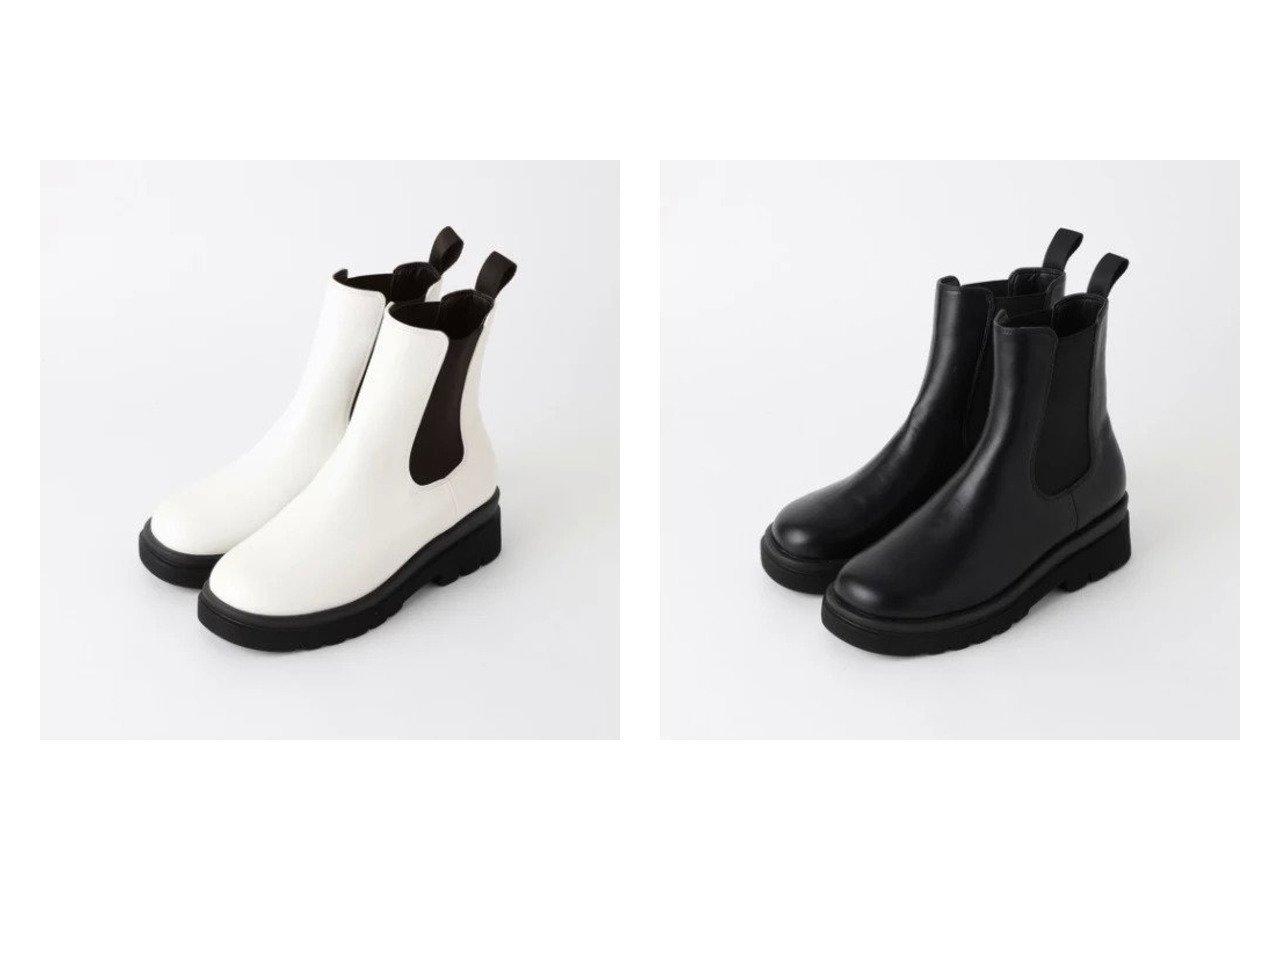 【green label relaxing / UNITED ARROWS/グリーンレーベル リラクシング / ユナイテッドアローズ】のSC サイドゴア レインブーツ 【シューズ・靴】おすすめ!人気、トレンド・レディースファッションの通販 おすすめで人気の流行・トレンド、ファッションの通販商品 インテリア・家具・メンズファッション・キッズファッション・レディースファッション・服の通販 founy(ファニー) https://founy.com/ ファッション Fashion レディースファッション WOMEN シューズ 今季  ID:crp329100000052542